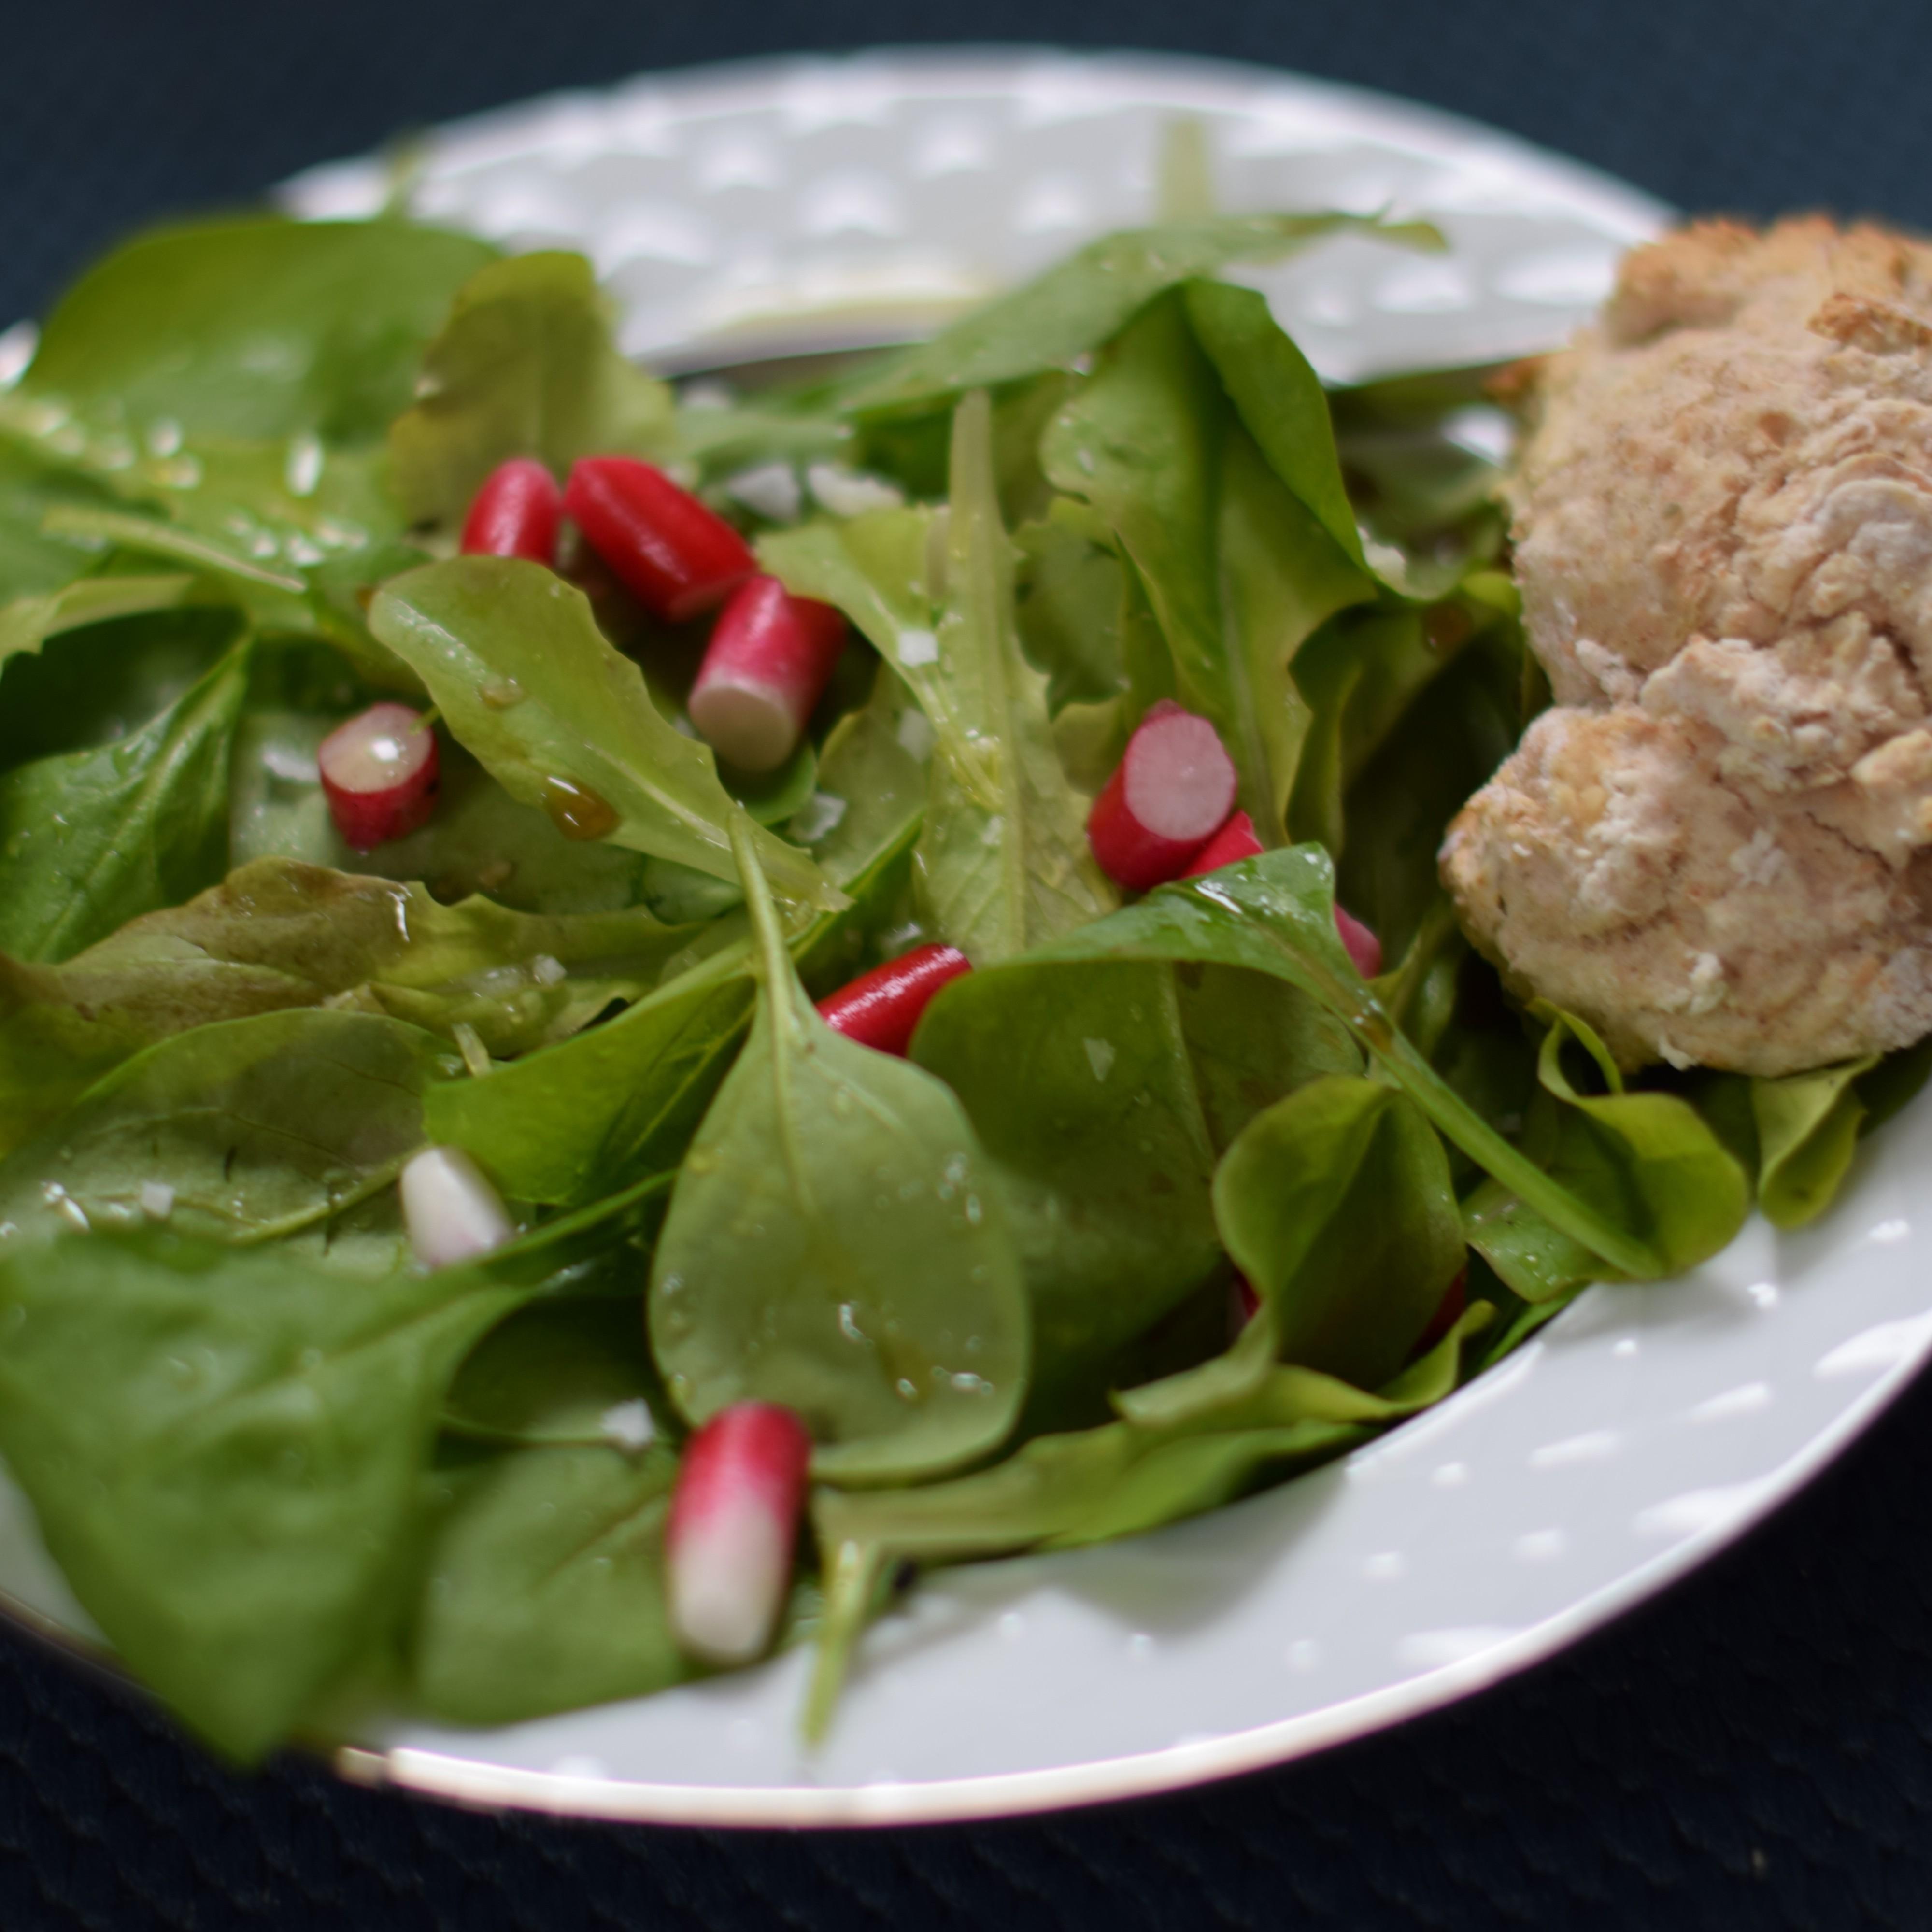 En sallad med rädisor och gröna blad